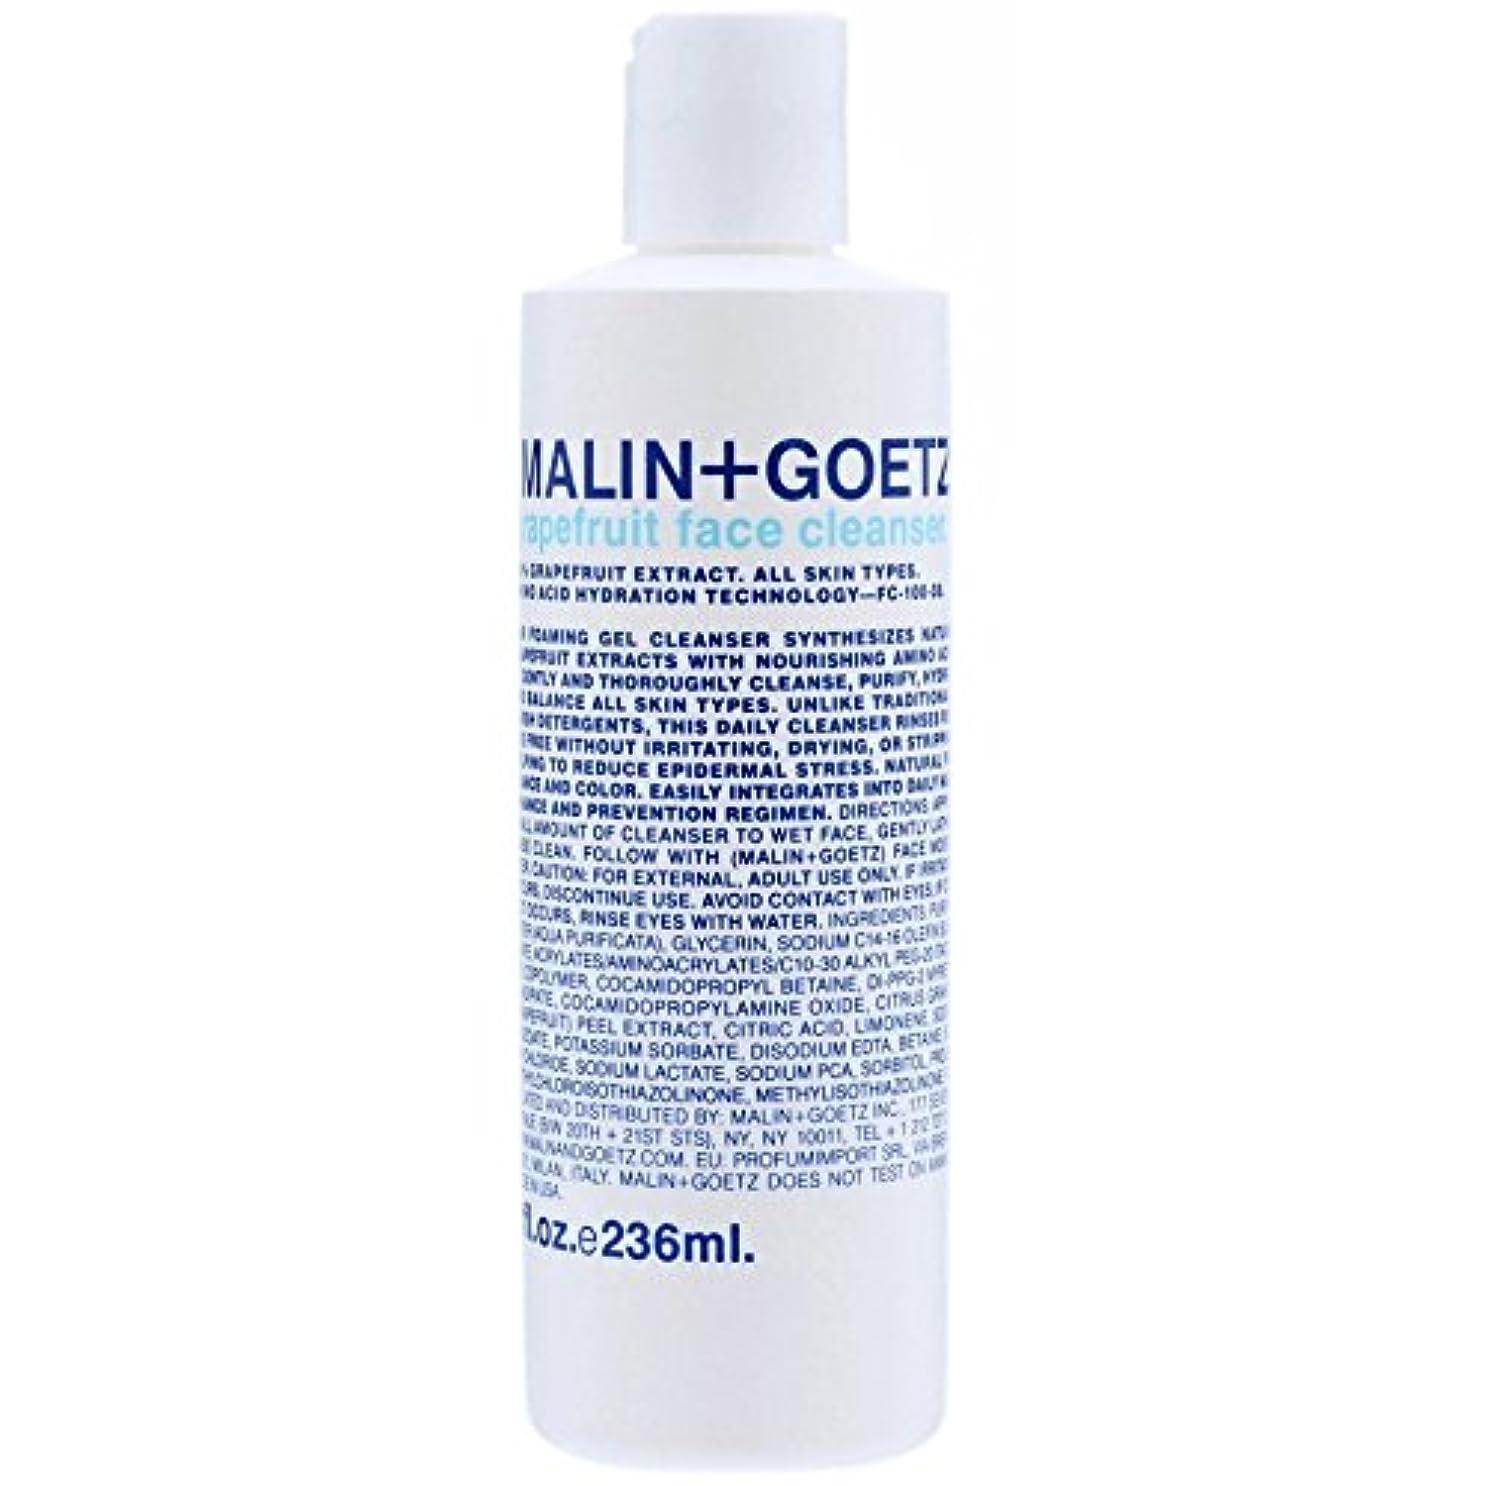 スチールレーザパイルマリン+ゲッツグレープフルーツフェイスクレンザー x2 - MALIN+GOETZ Grapefruit Face Cleanser (Pack of 2) [並行輸入品]